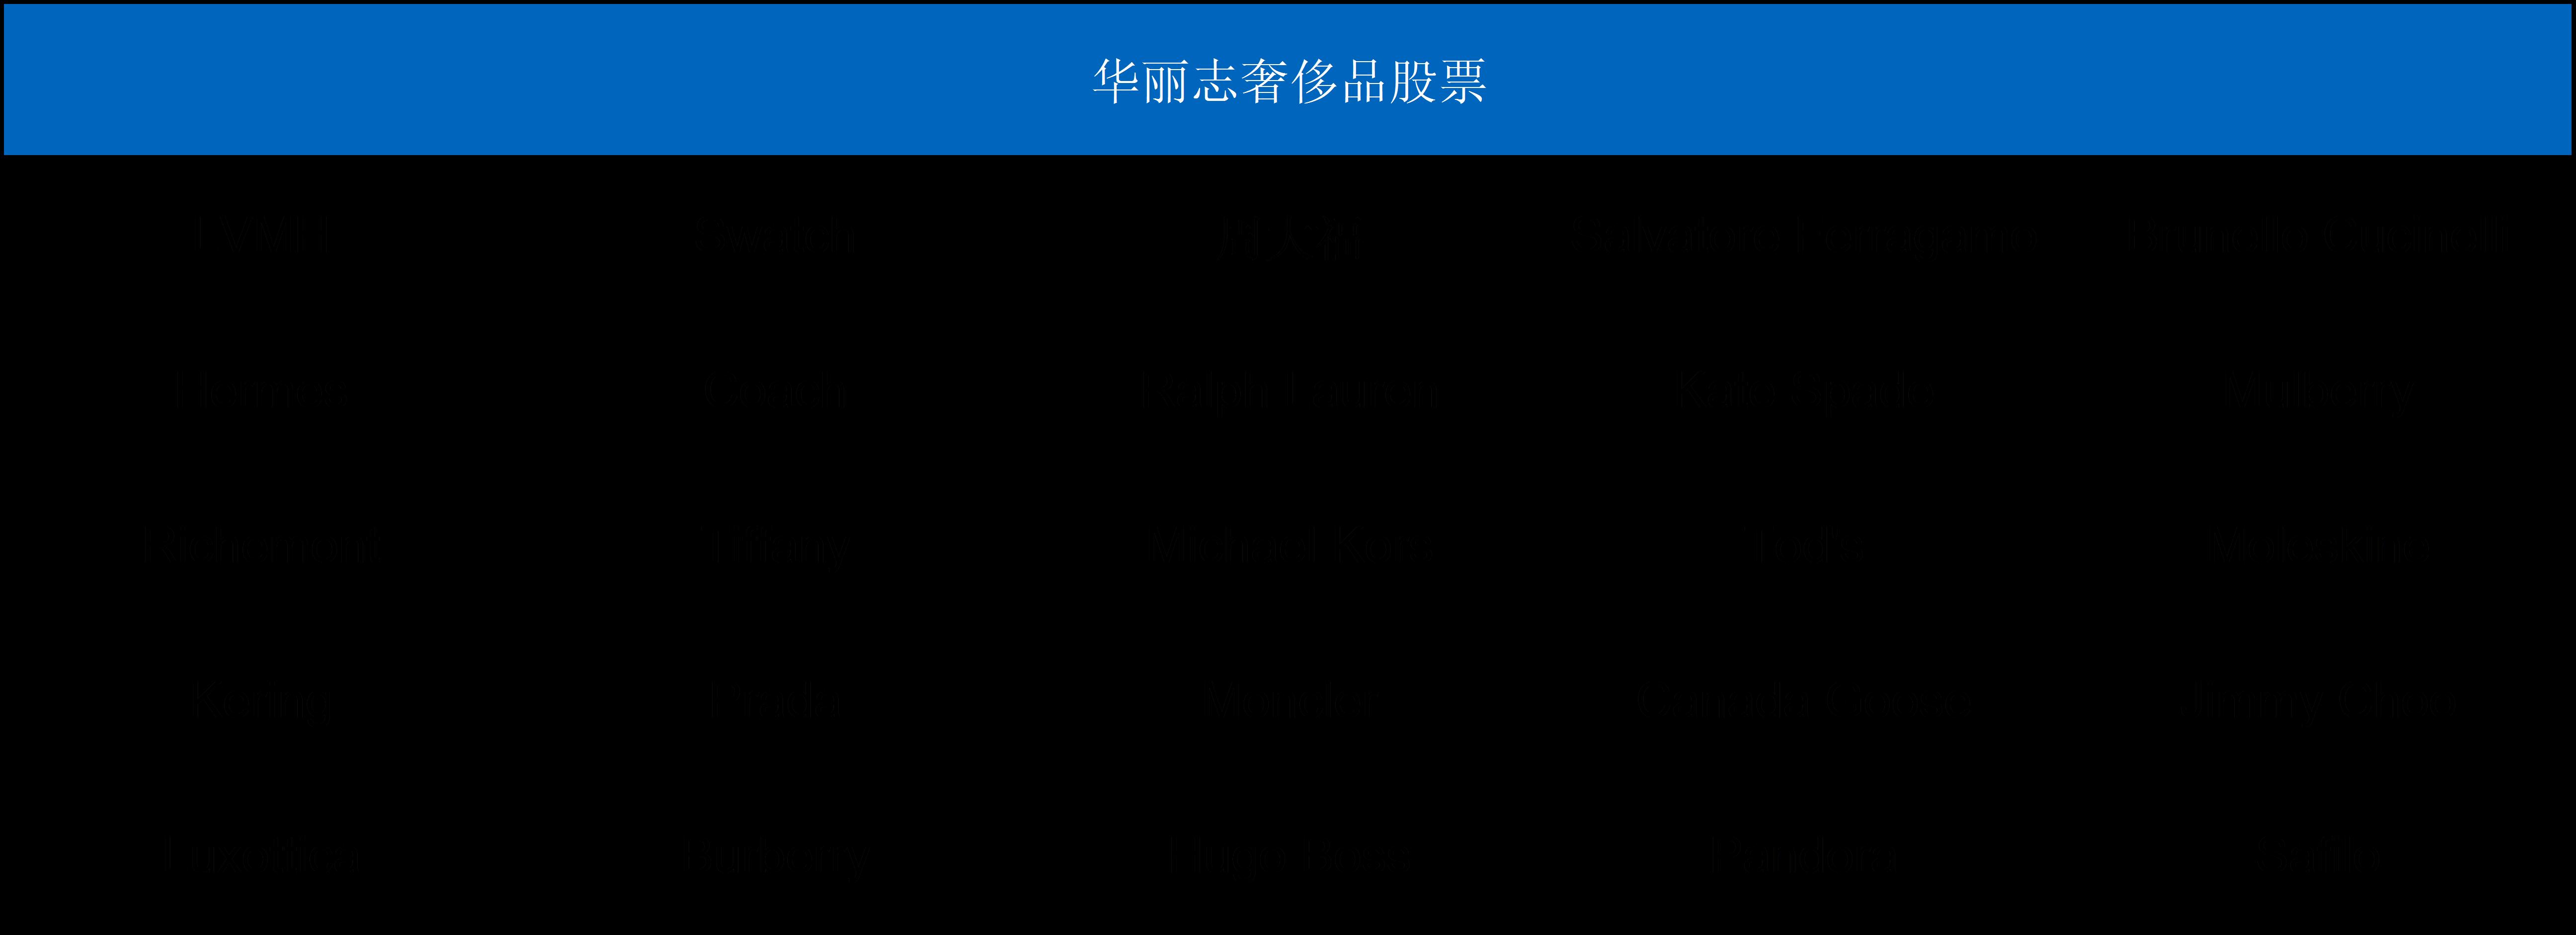 华丽志25只奢侈品股票